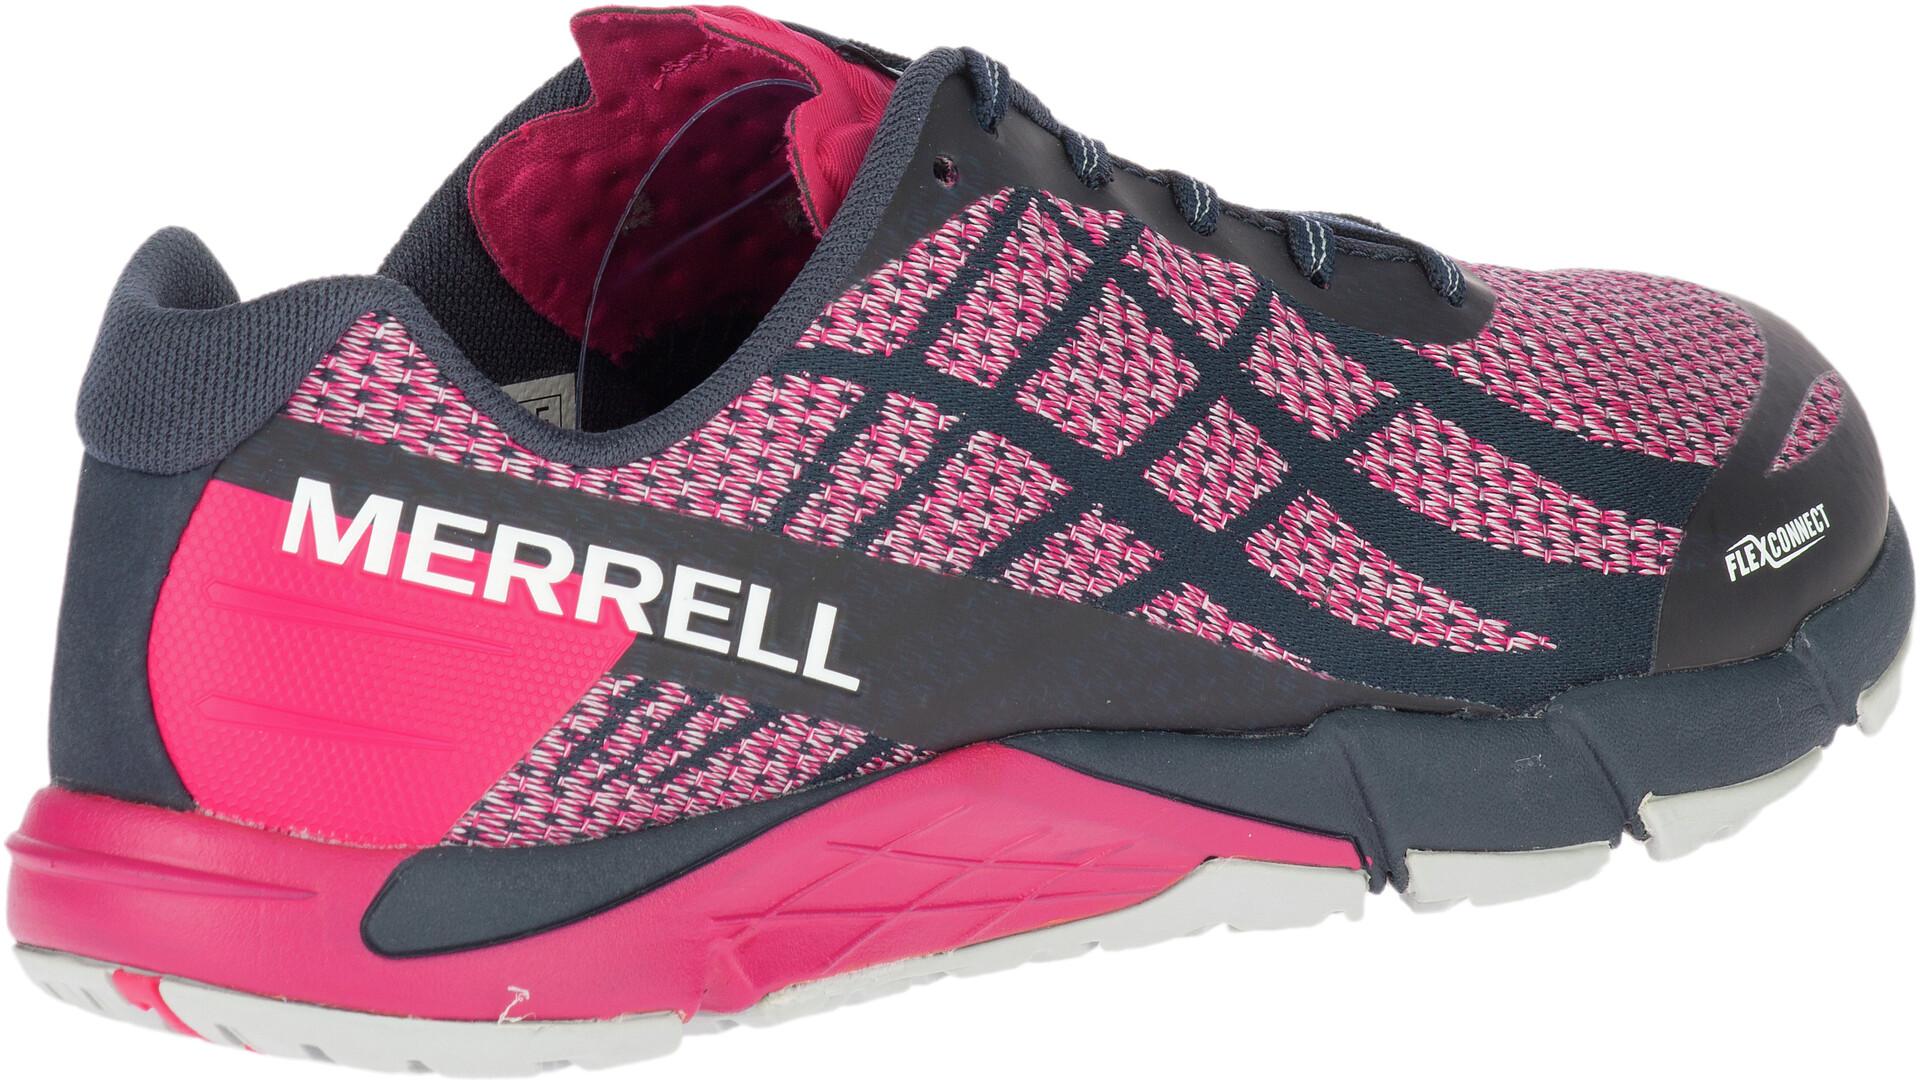 Merrell Bare Shoes Flex Vapor Access Neon Shield Damen SMGUqzVp